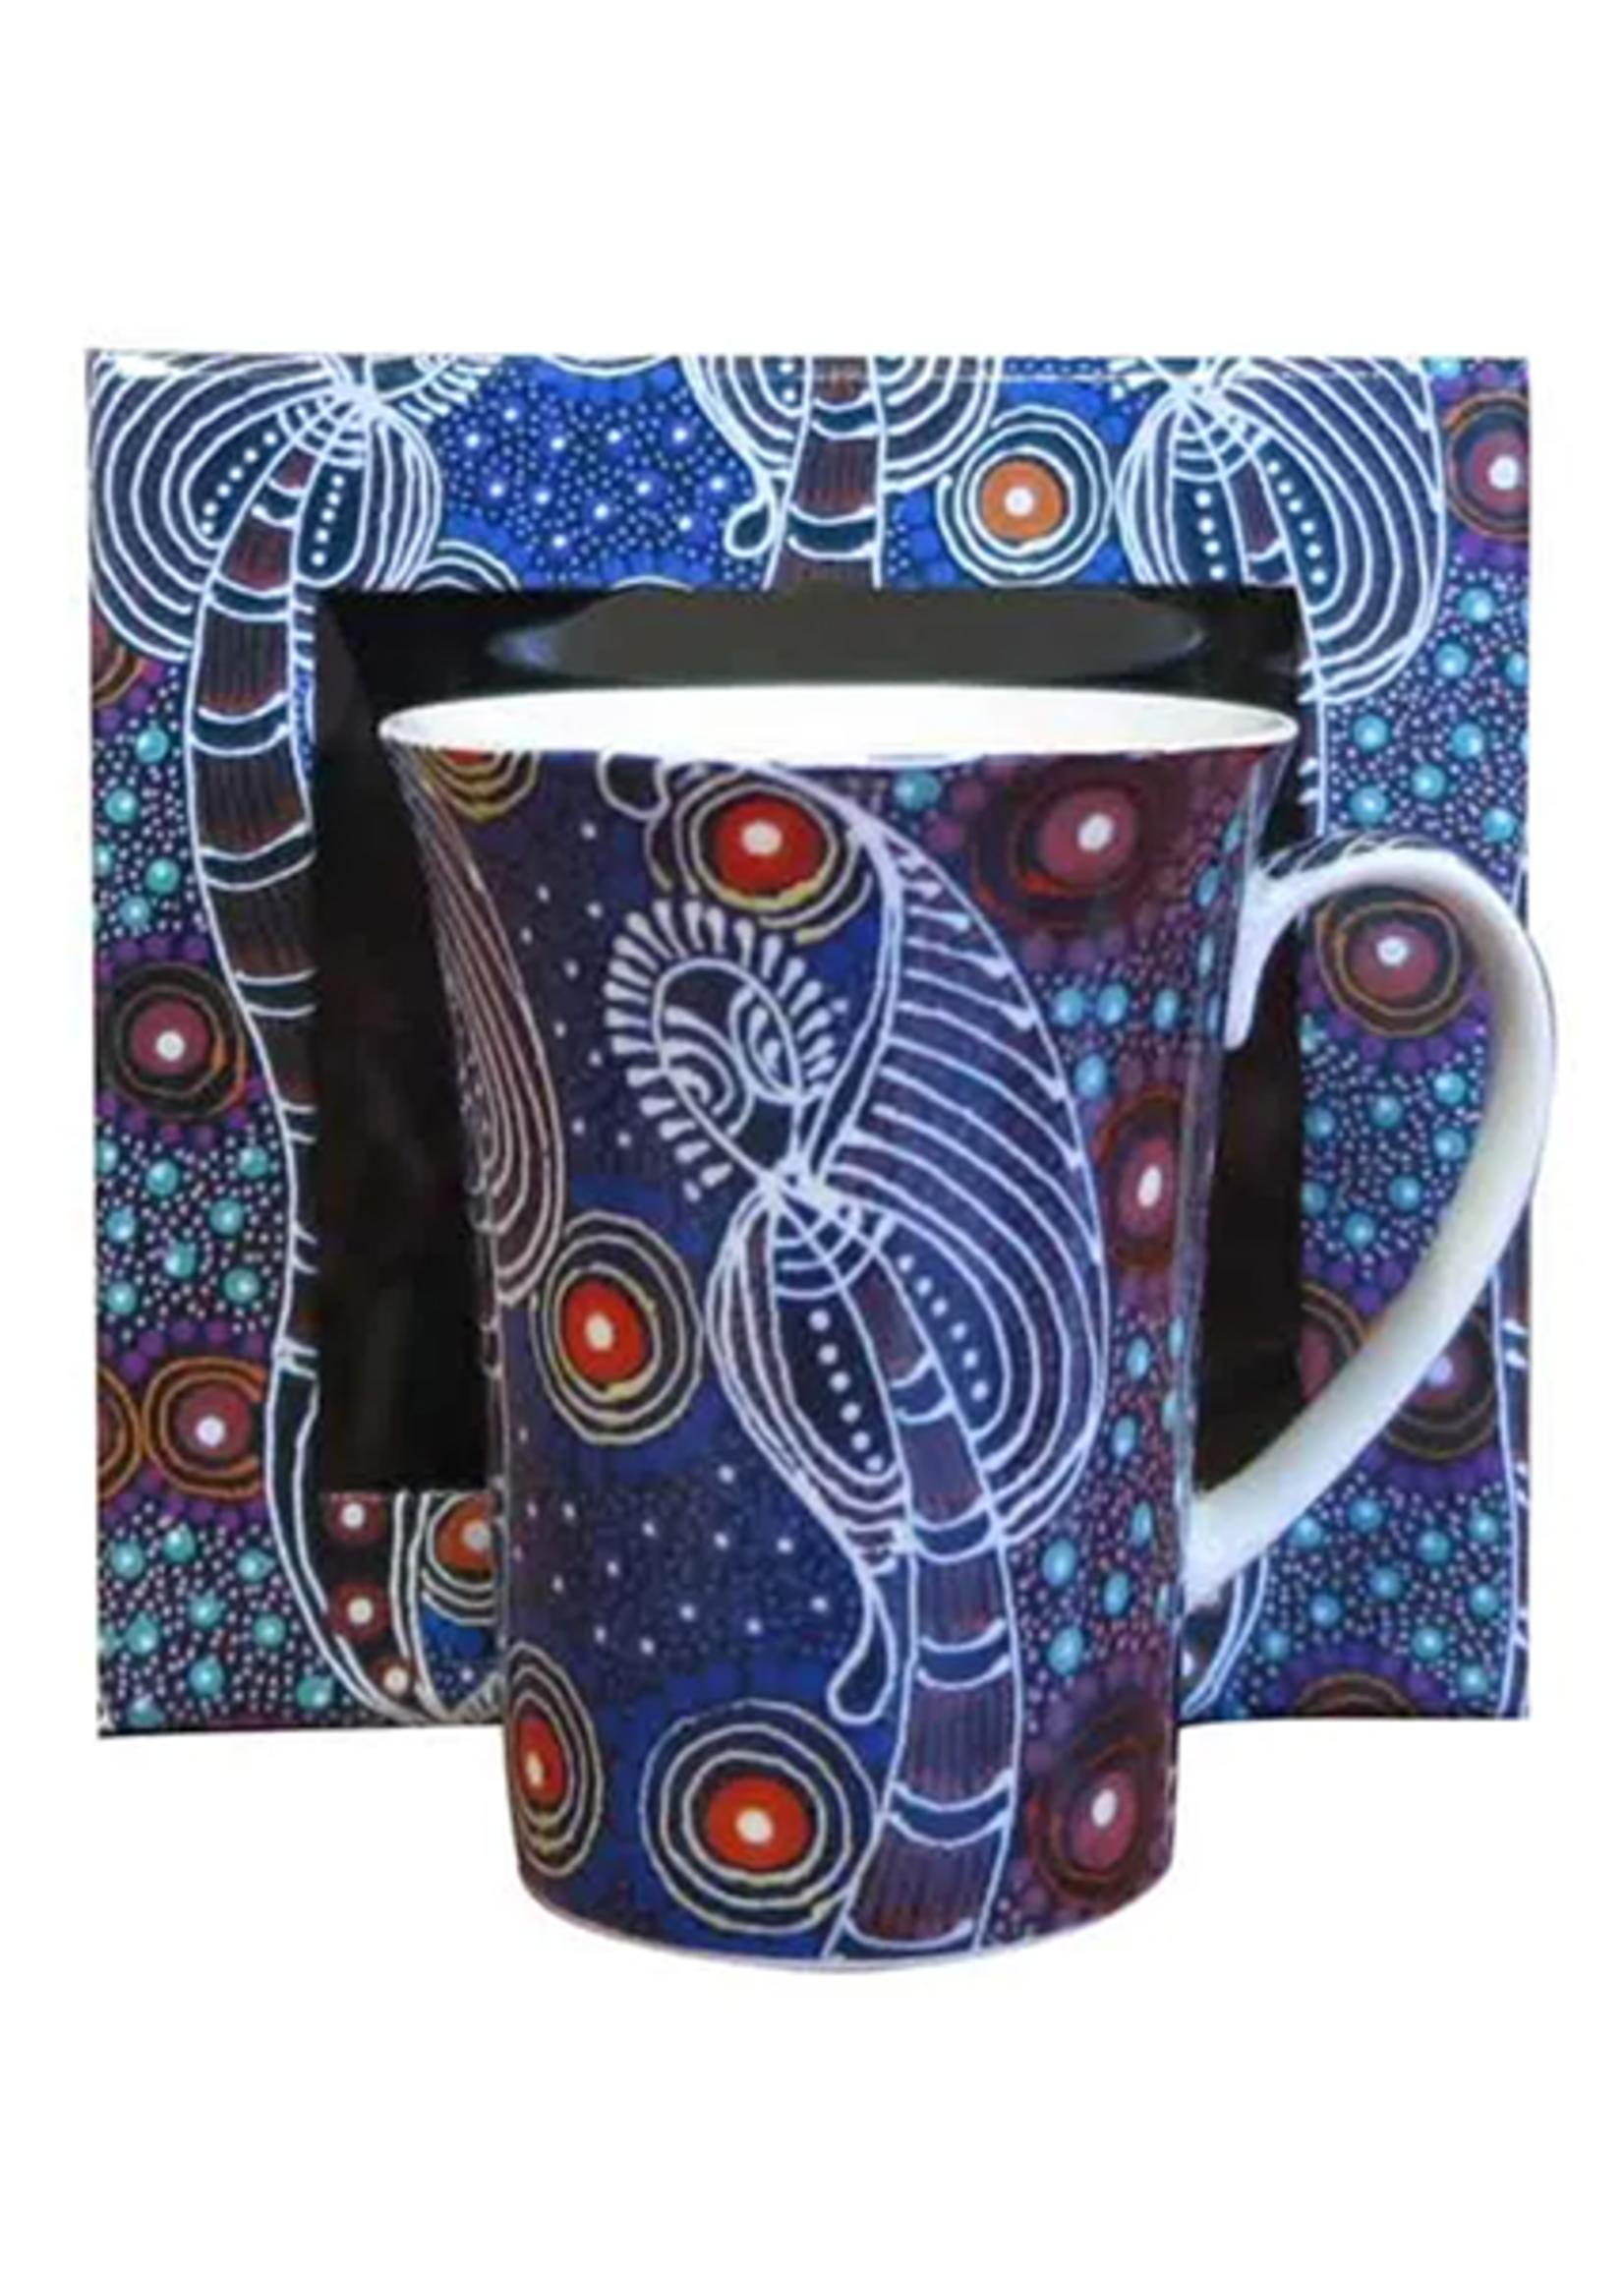 Utopia Mug - Colleen Wallace 147